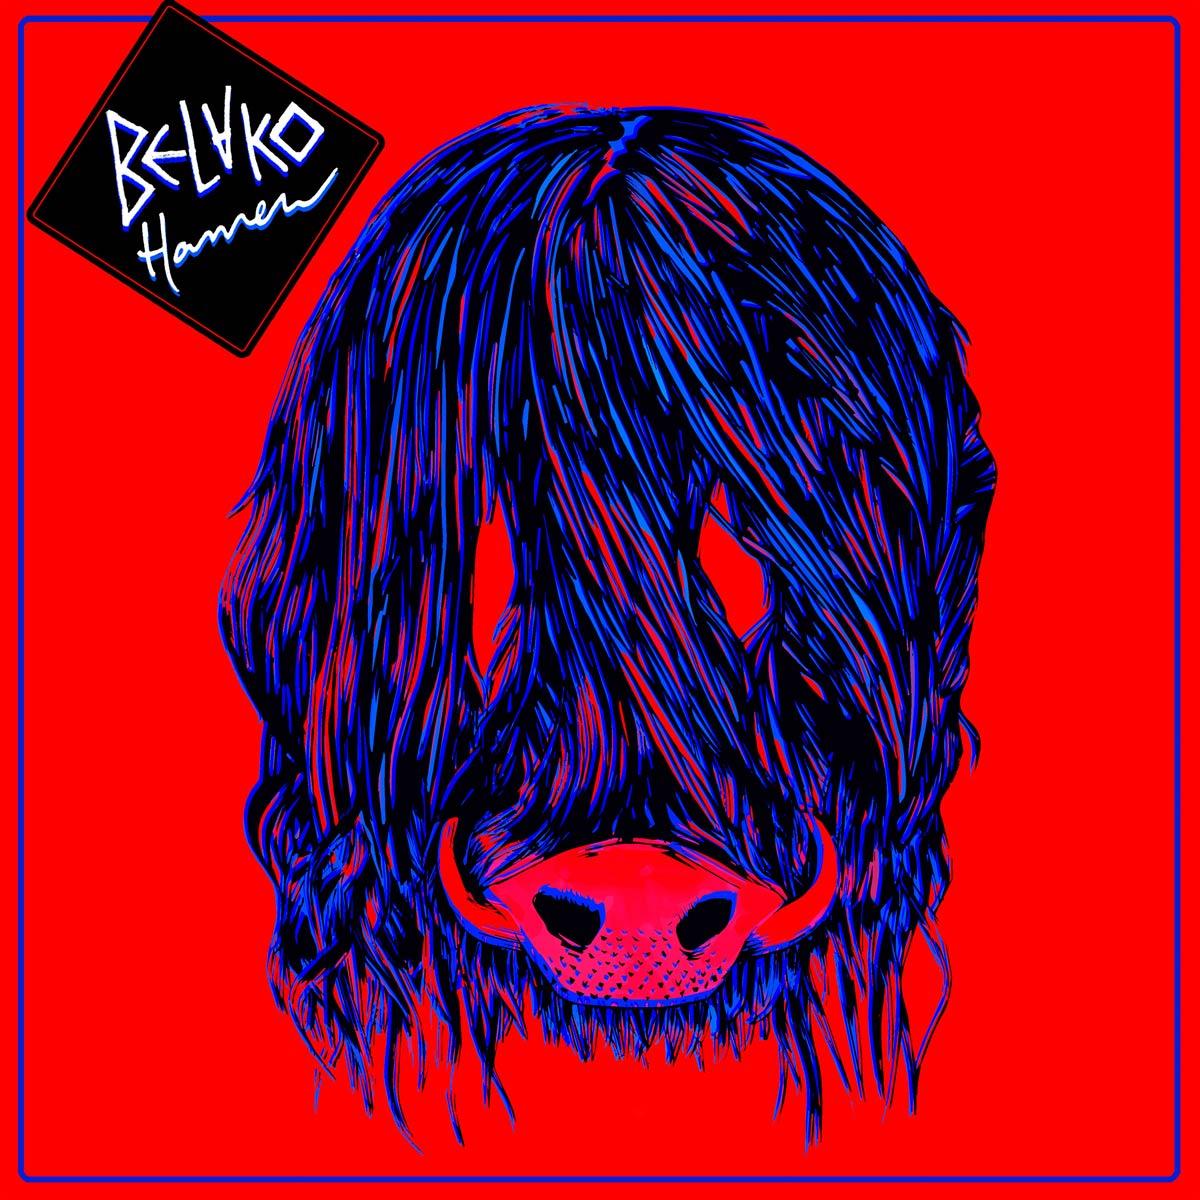 belako_hamen-portada